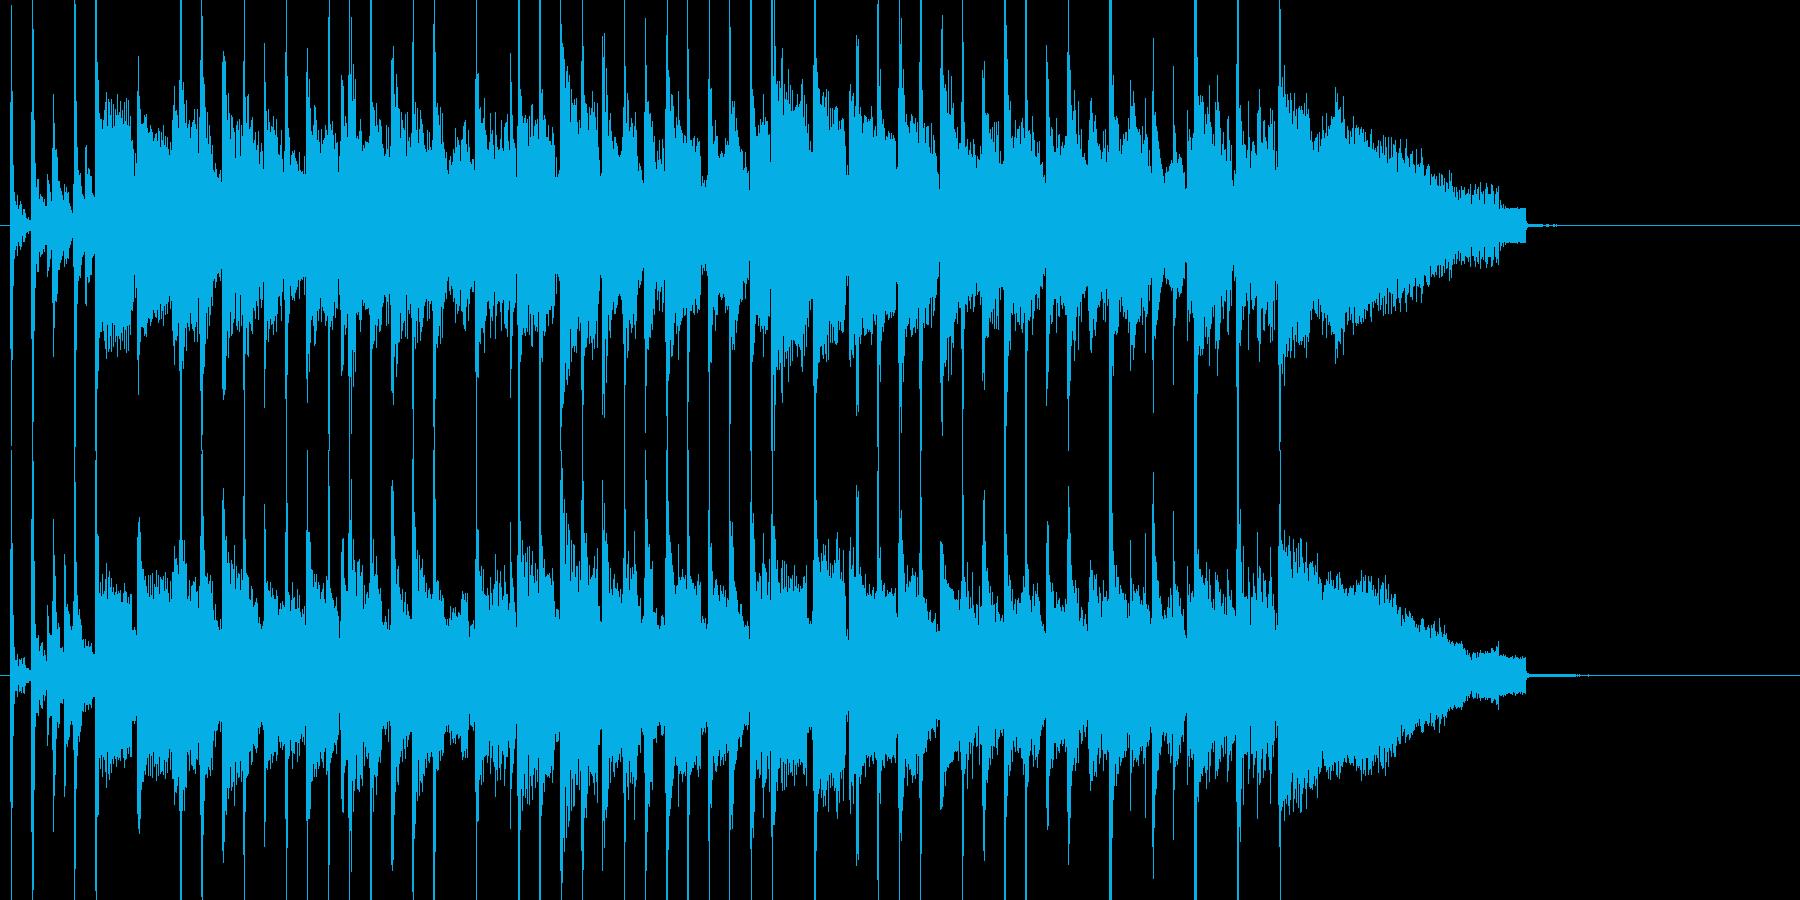 季節の移ろいをイメージ 感動的なバラードの再生済みの波形